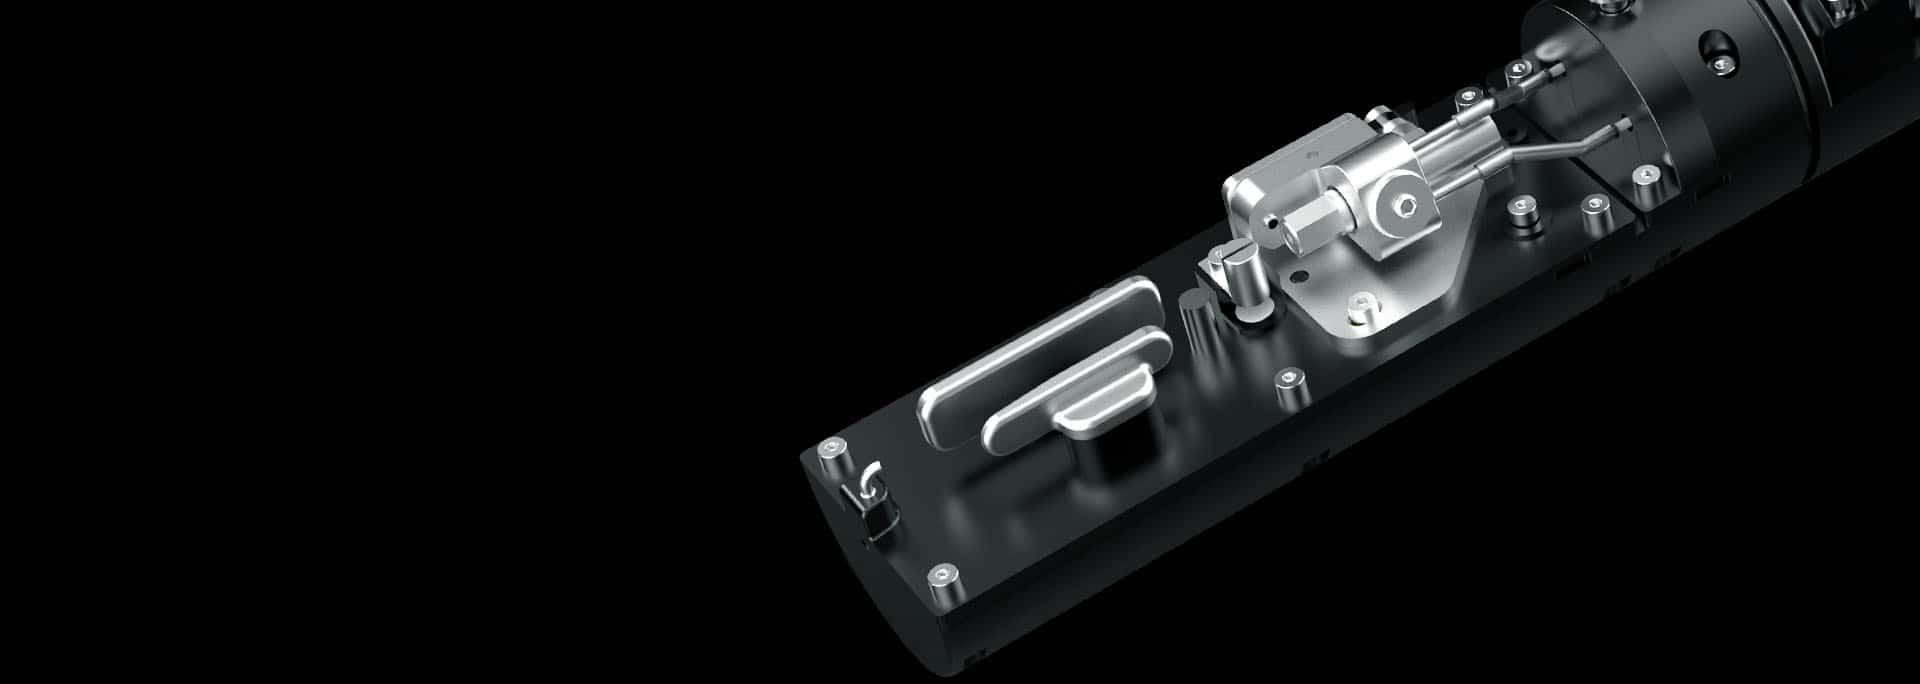 Краплеструменевий маркувальник Fastjet A470 друкувальна голівка